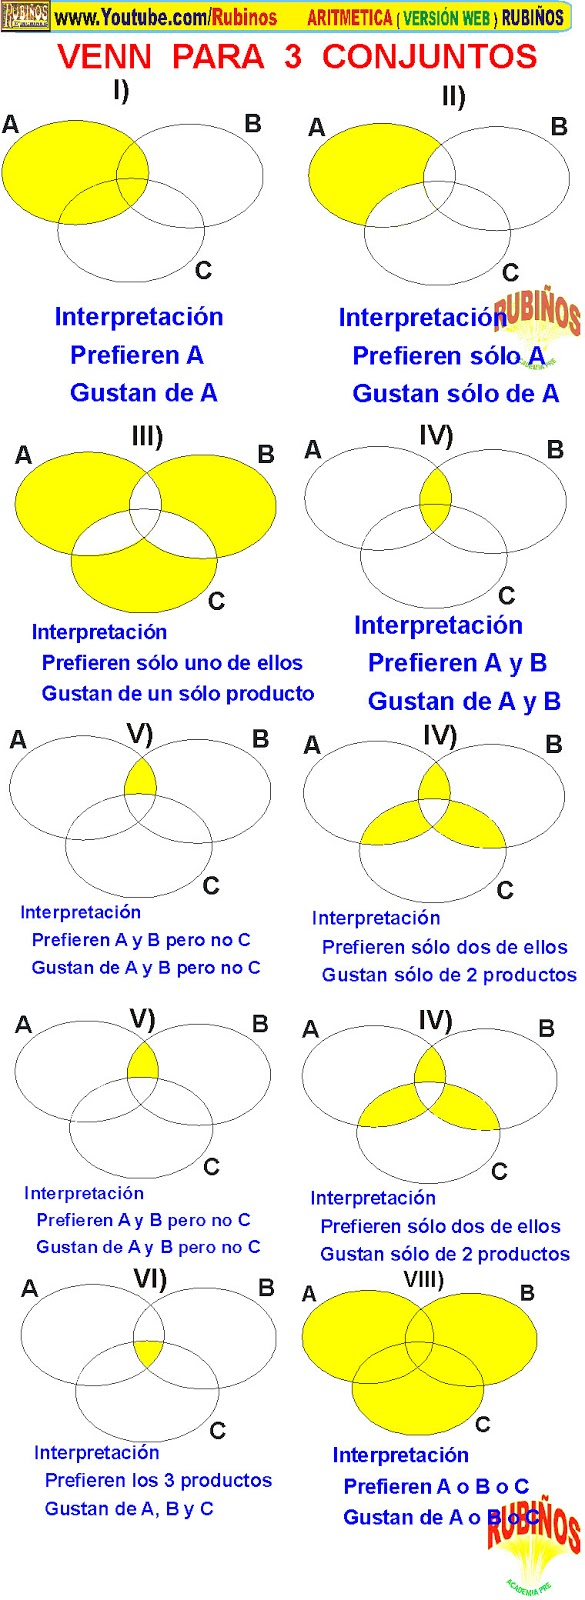 diagramas de venn euler en tres conjuntos ejercicios y problemas resueltos en pdf y videos [ 585 x 1600 Pixel ]